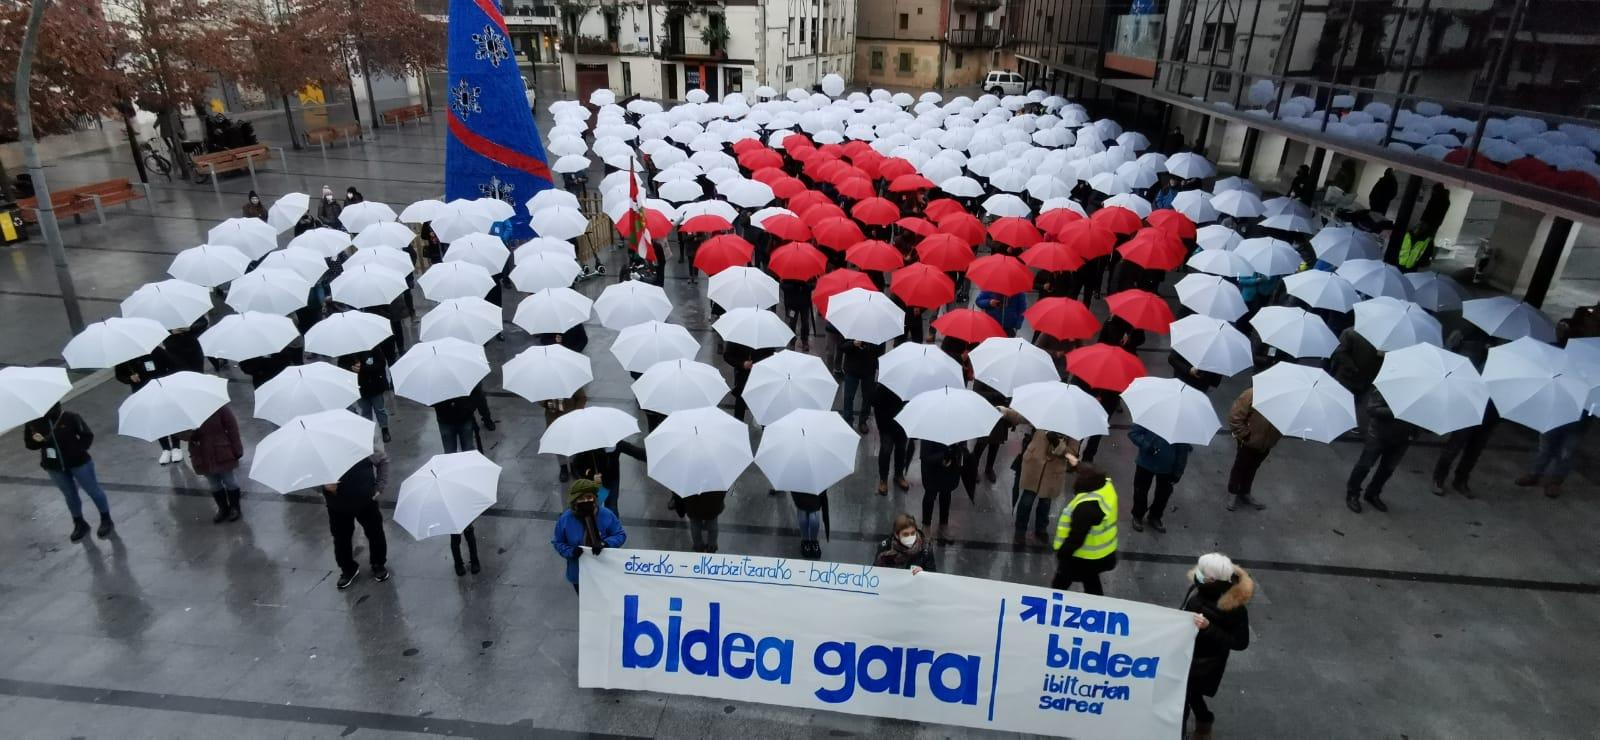 Archivo. Acto en Lasarte-Oria en enero por el acercamiento de los presos. Foto: Sare #IzanBidea